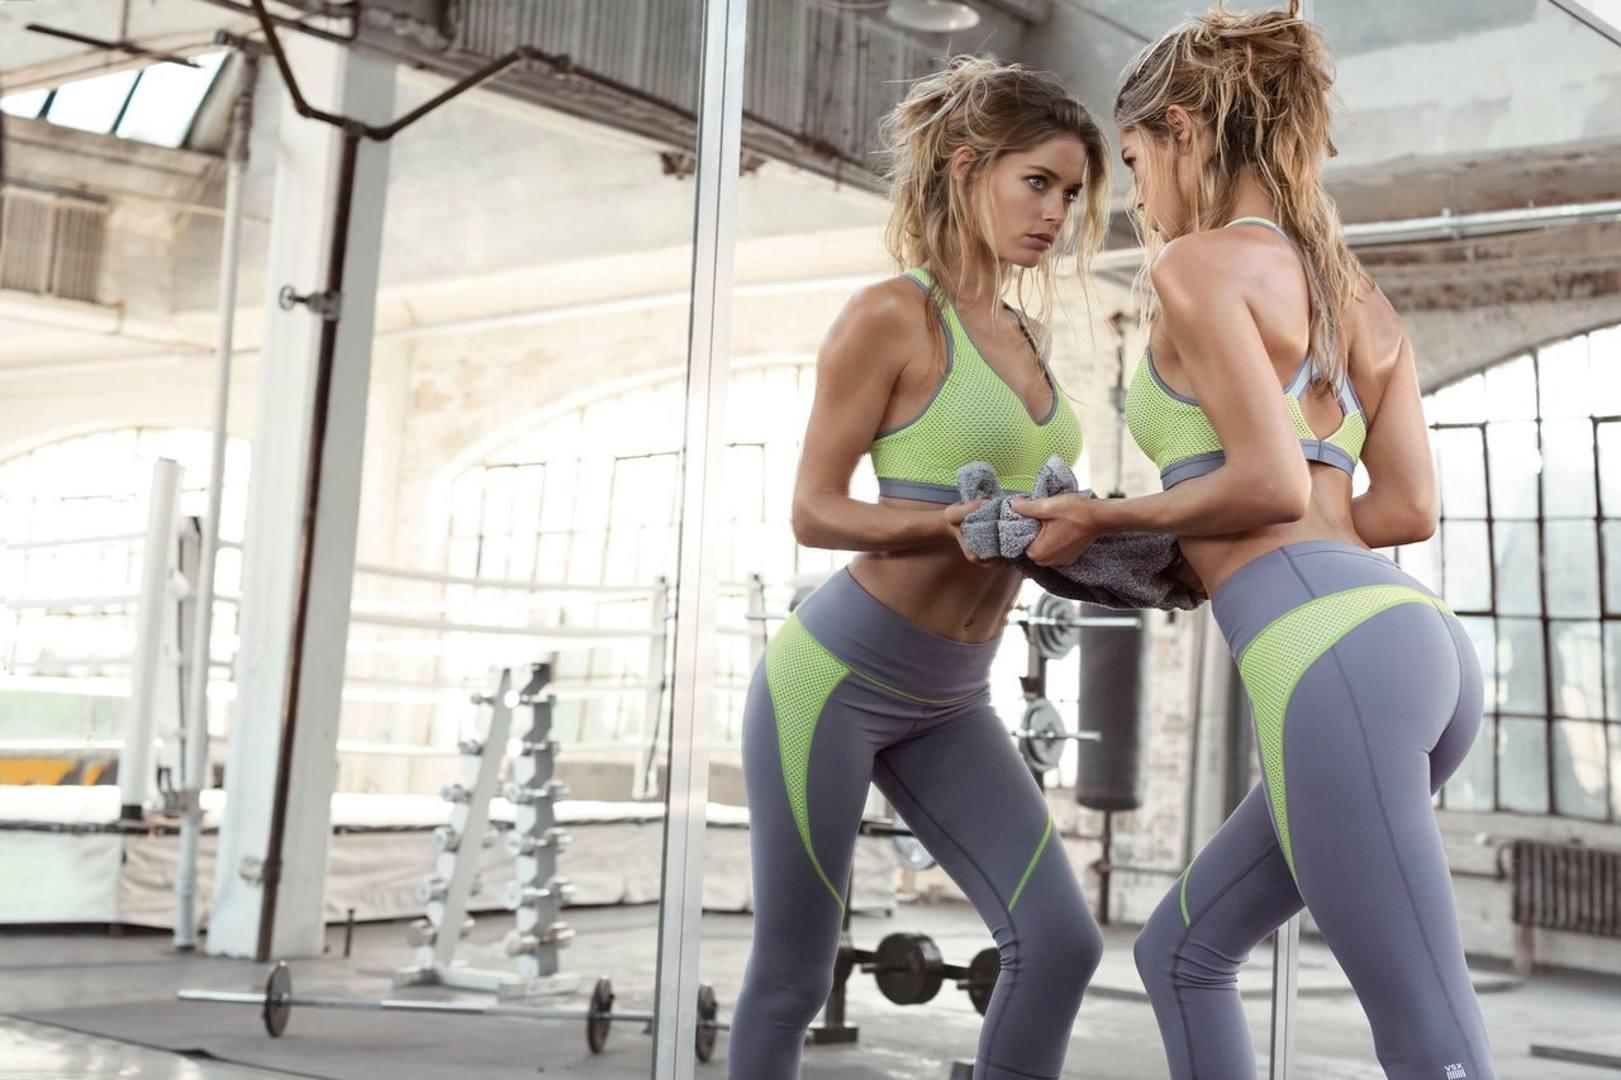 Смотреть фото девушек в спортивном костюме 23 фотография